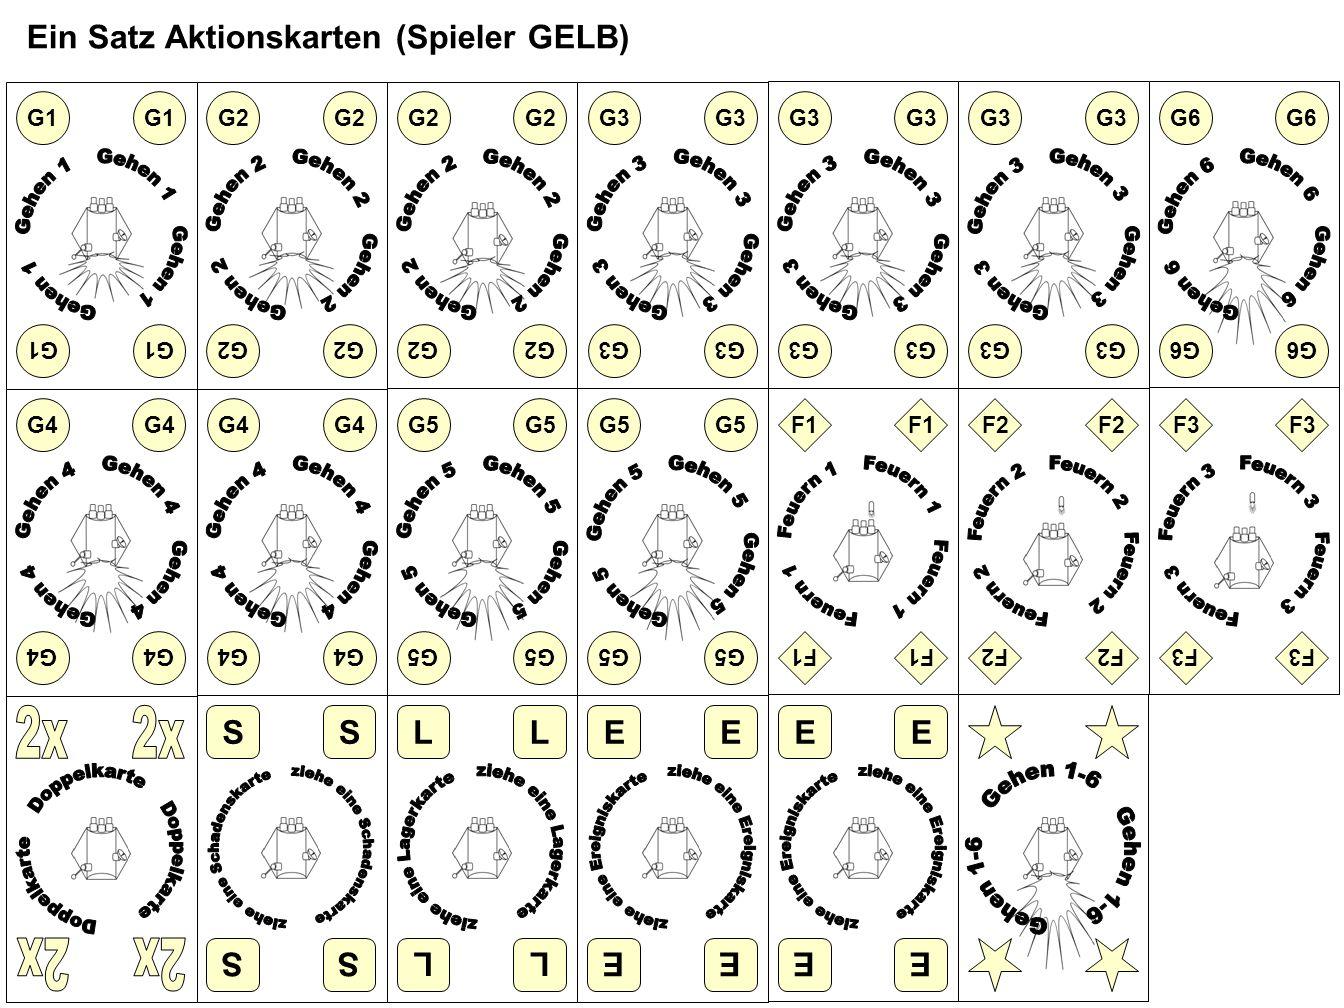 Ein Satz Aktionskarten (Spieler GELB) F2 F3 F1 E G5 E EE EE EE LL LL SS SS G4 G1 G2 G4 G2 G3 G6